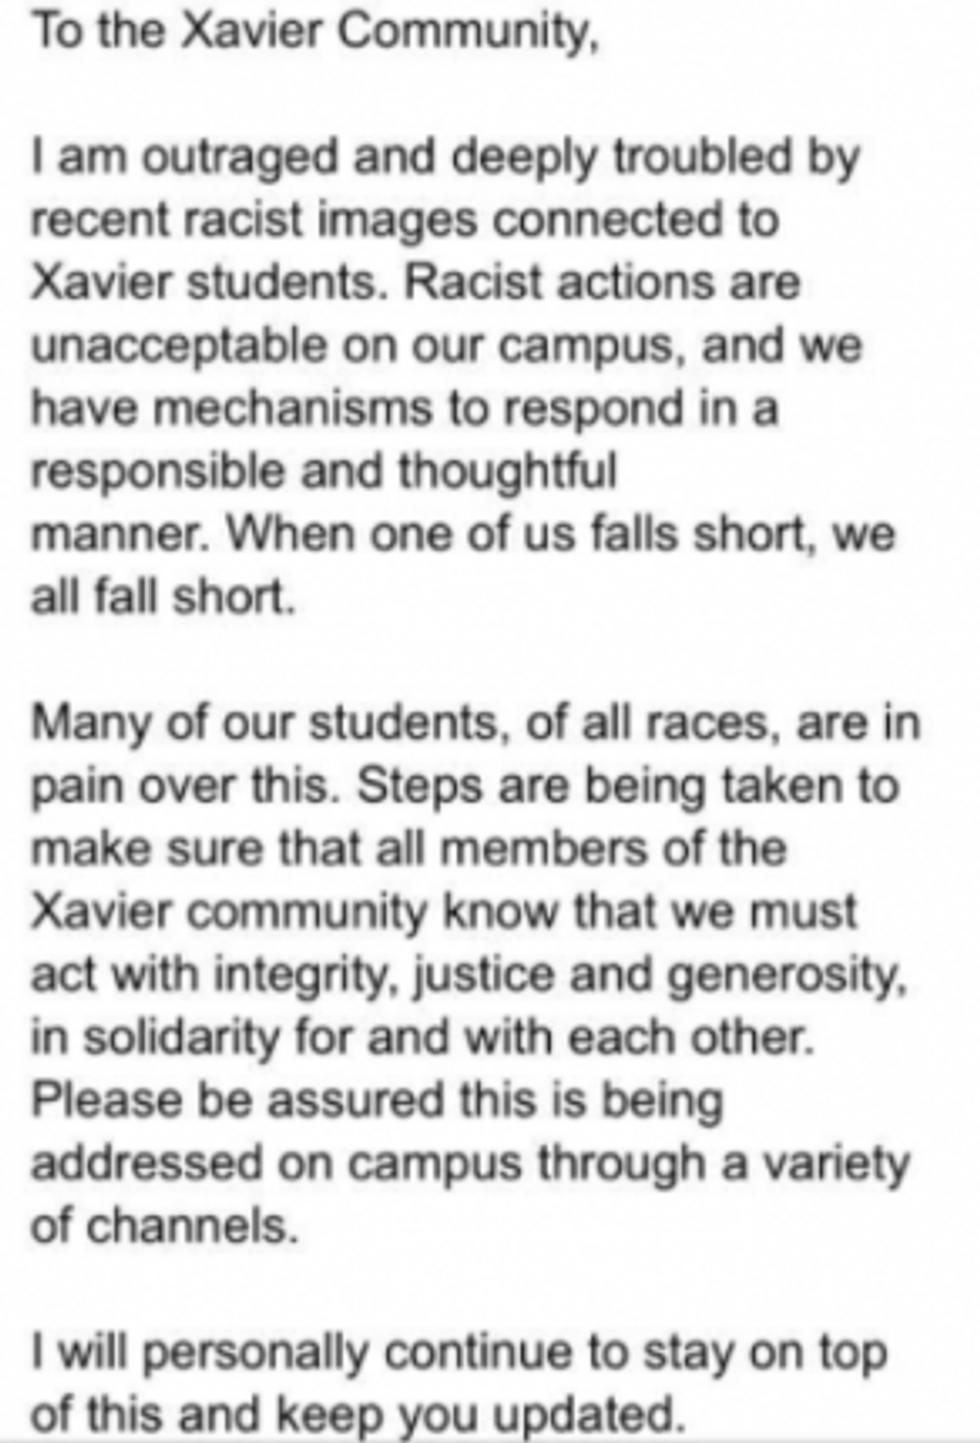 Email from Xavier University president Michael J. Graham, S.J.